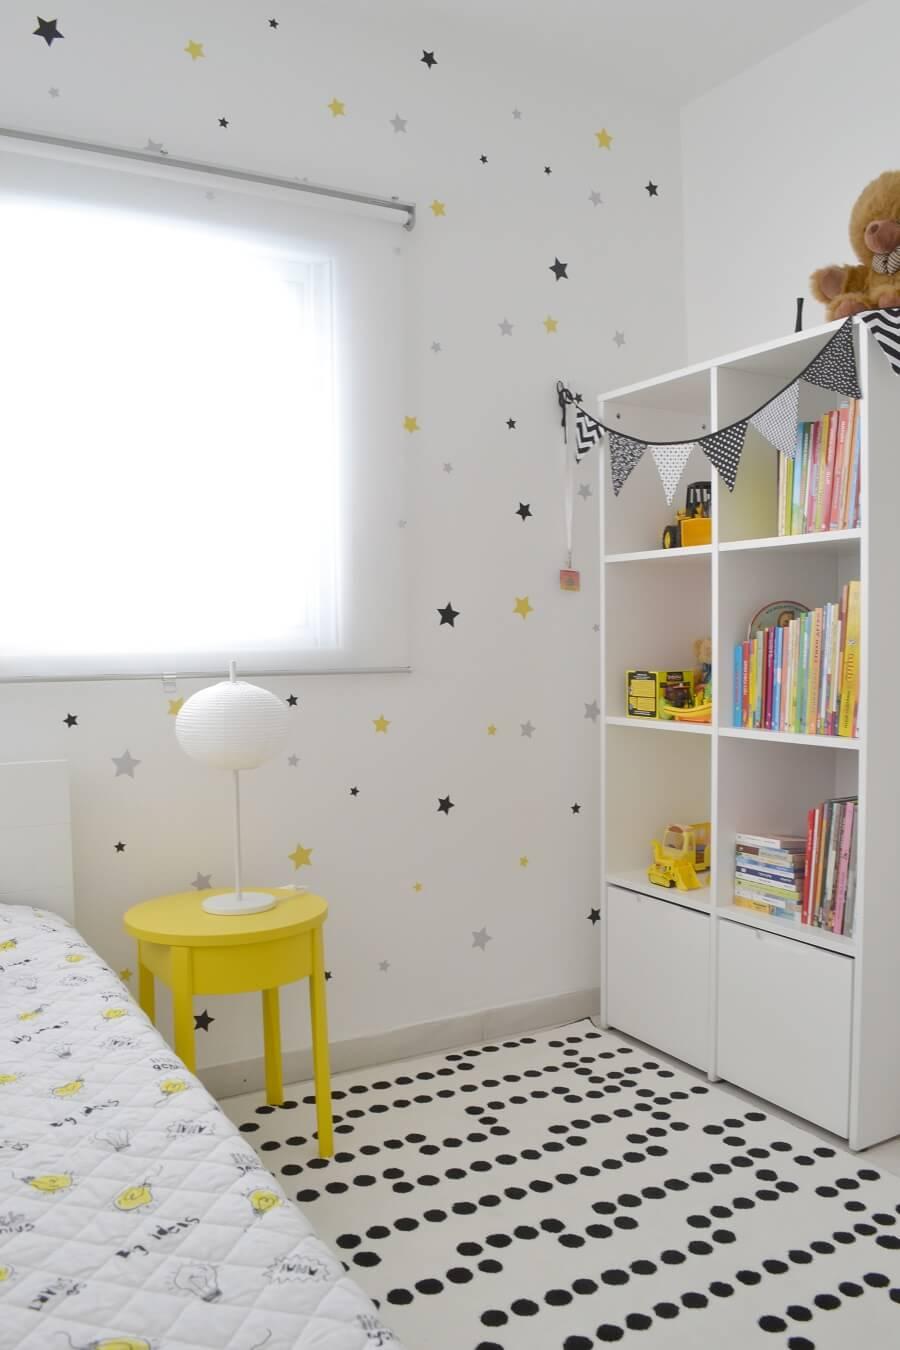 עיצוב חדר לילדים